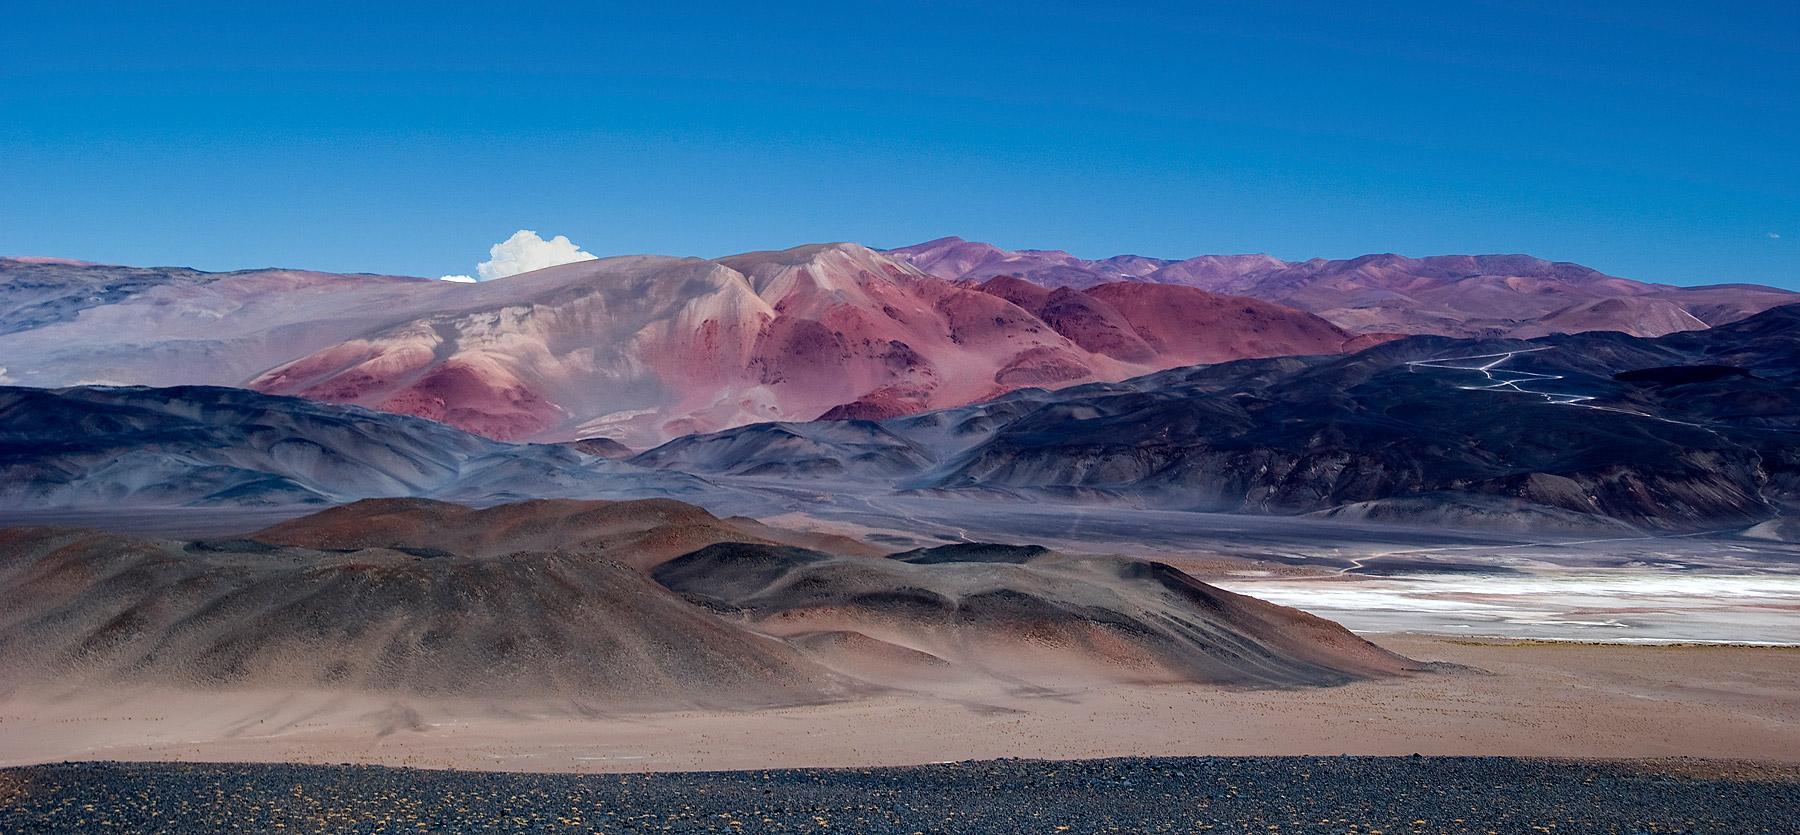 Argentinien / Salta: 6 Tage Erlebnisbaustein - Jeeptour durch Argentiniens Norden